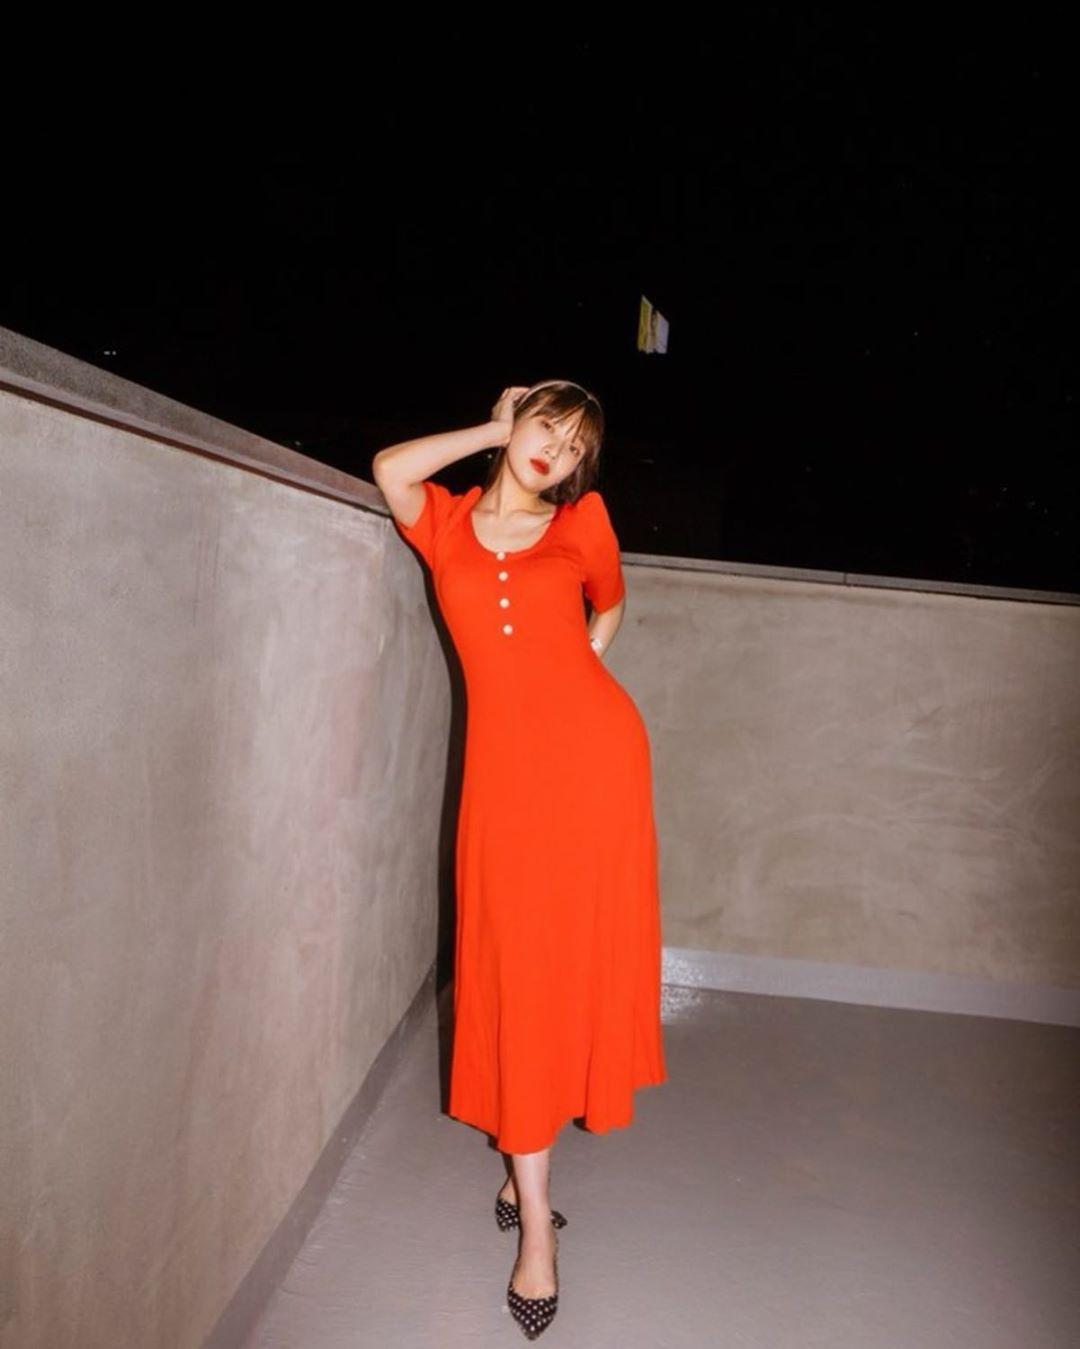 đầm cho dáng hình chữ nhật đầm suông màu đỏ